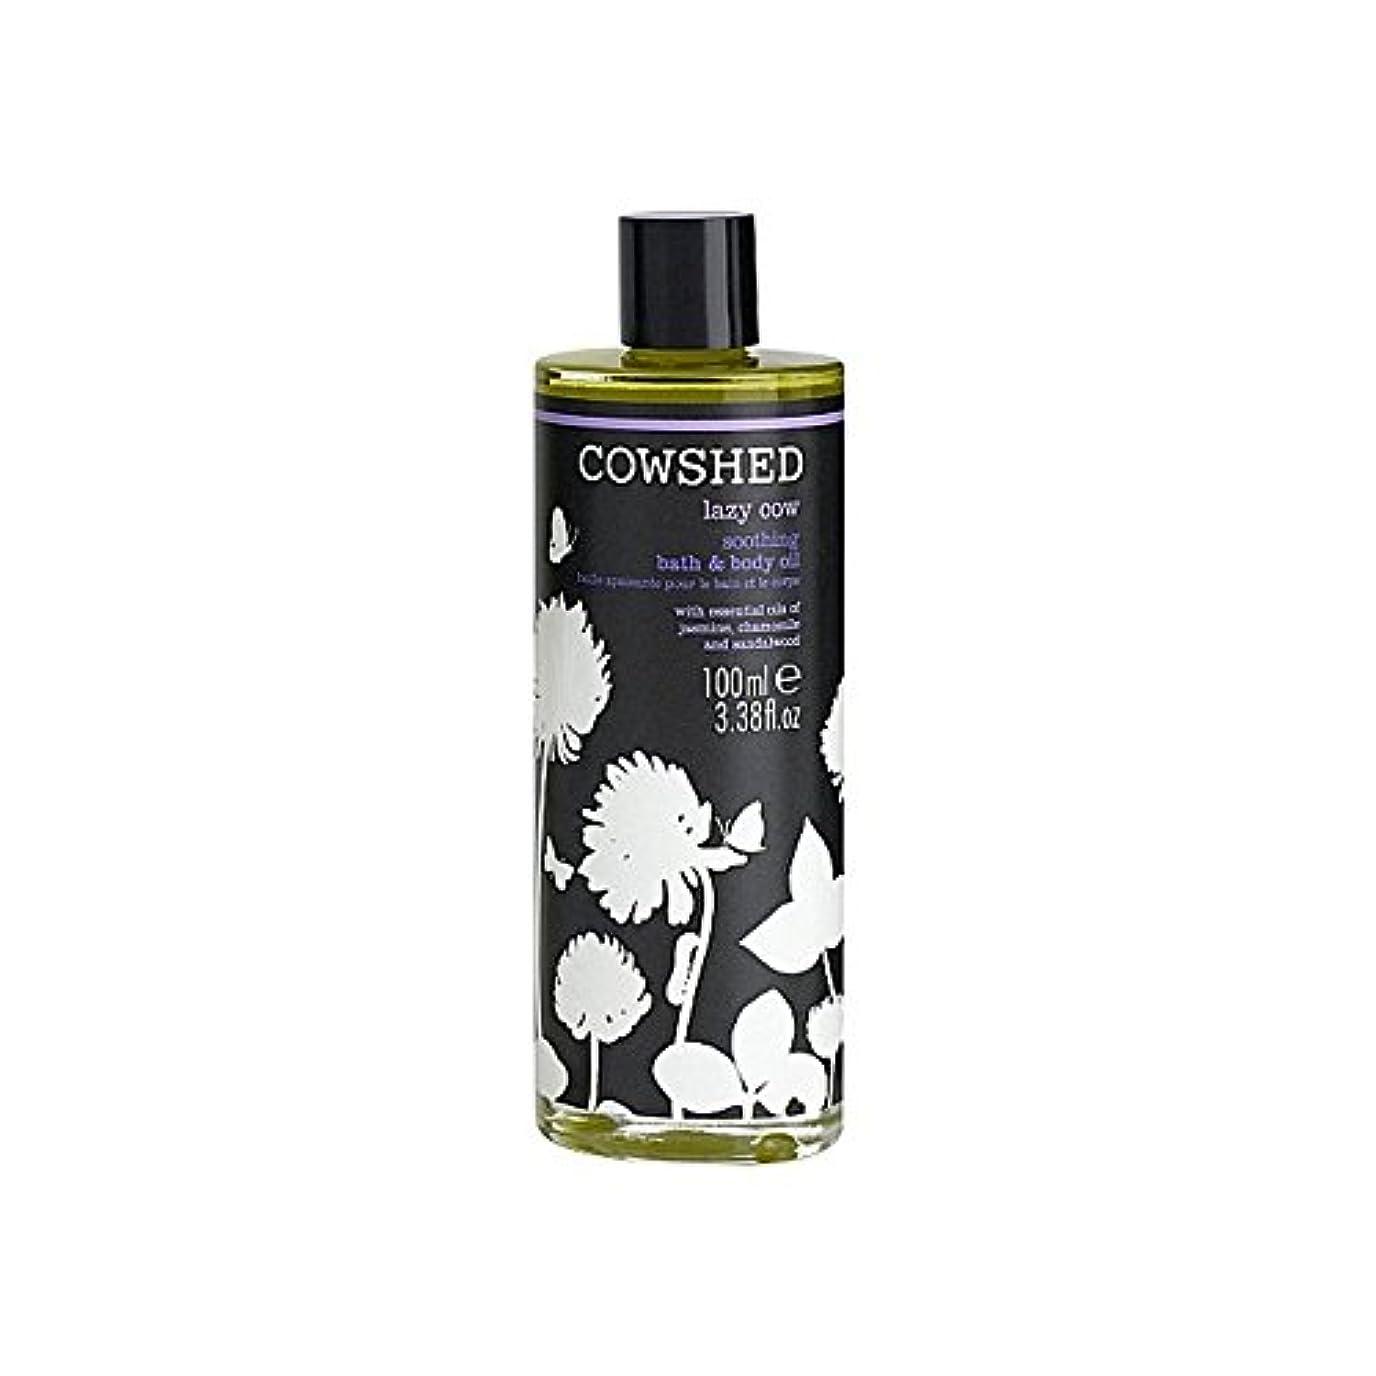 追記アセンブリ卵バス&ボディオイル100ミリリットルをなだめる牛舎怠惰な牛 x2 - Cowshed Lazy Cow Soothing Bath & Body Oil 100ml (Pack of 2) [並行輸入品]